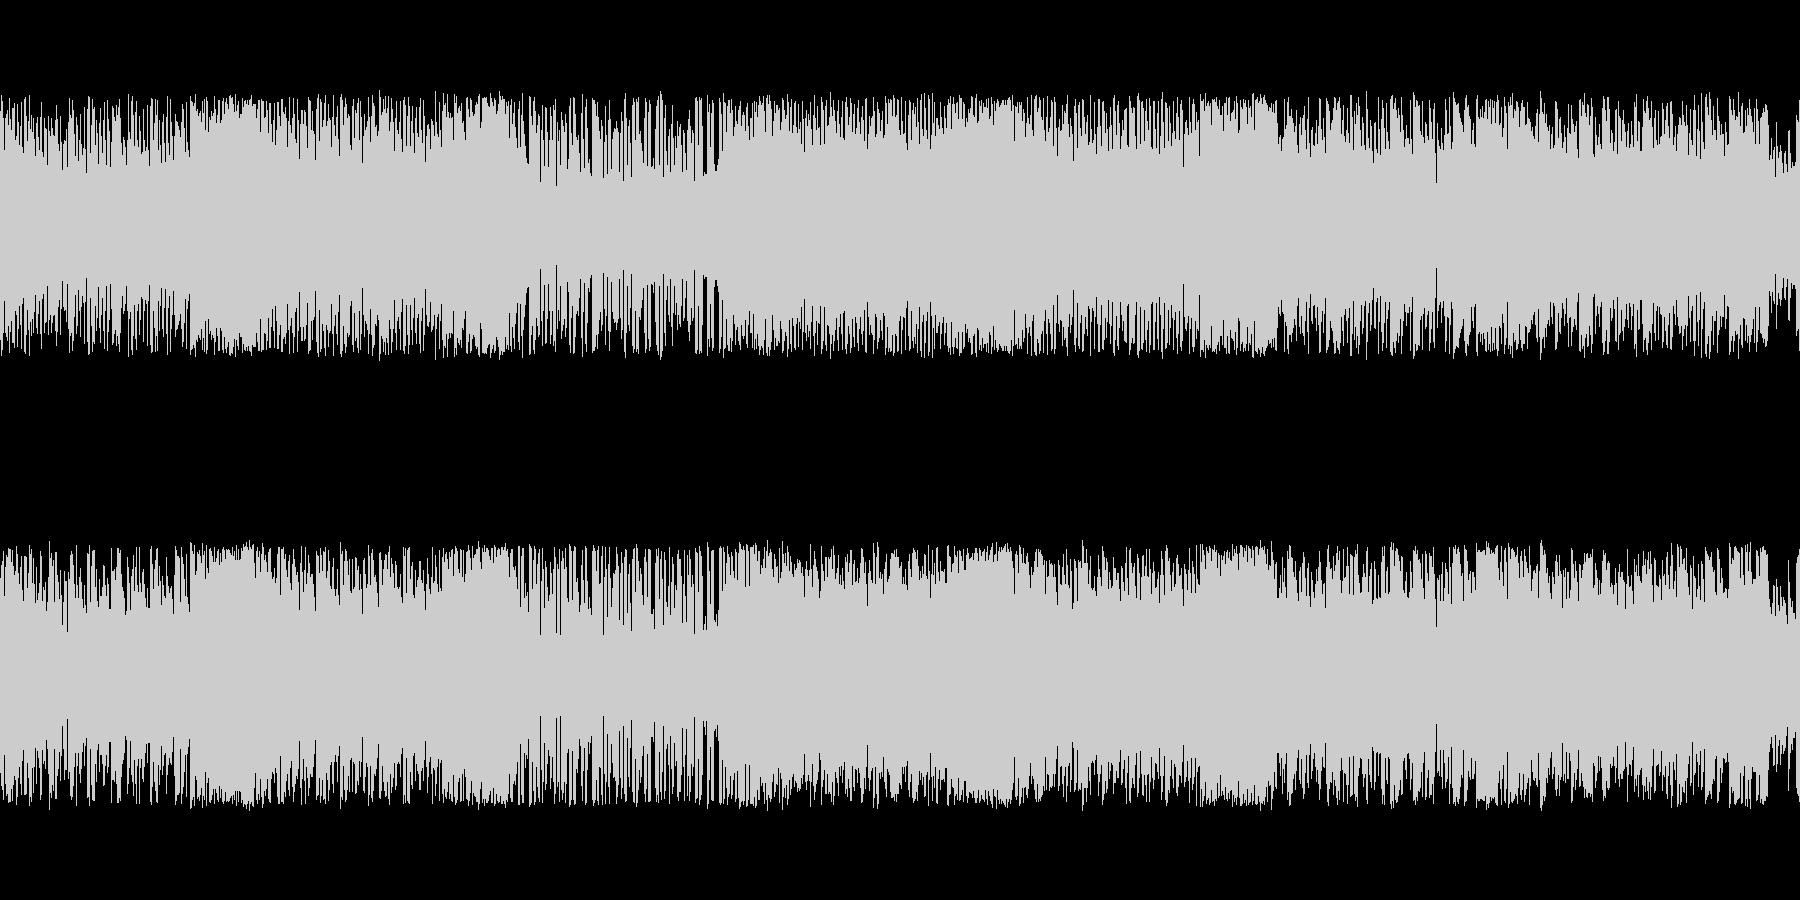 勢いのあるスタイリッシュチップチューンの未再生の波形